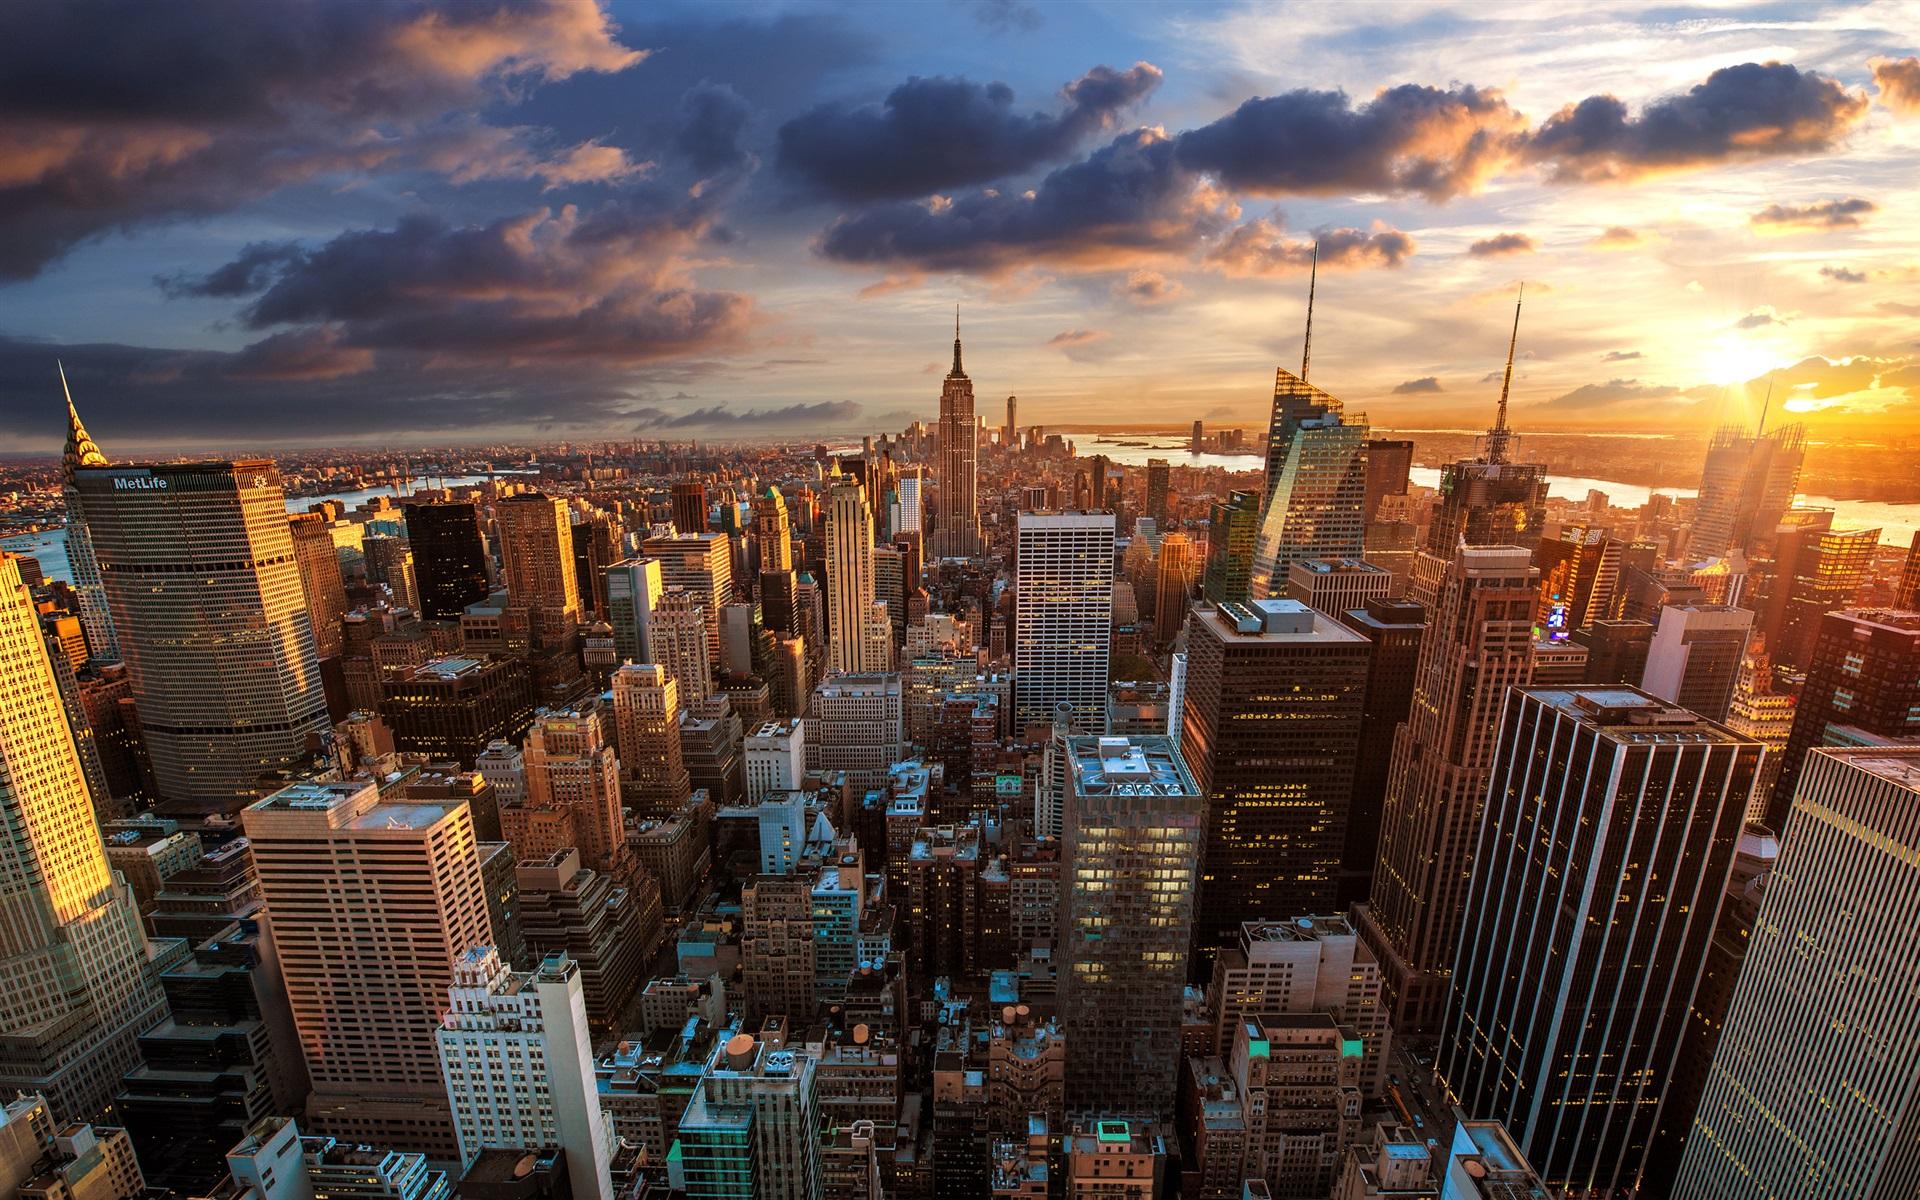 ロックフェラーセンター、高層ビル、夜明け、大都市... 大都市、ニューヨーク市 壁紙 | 192